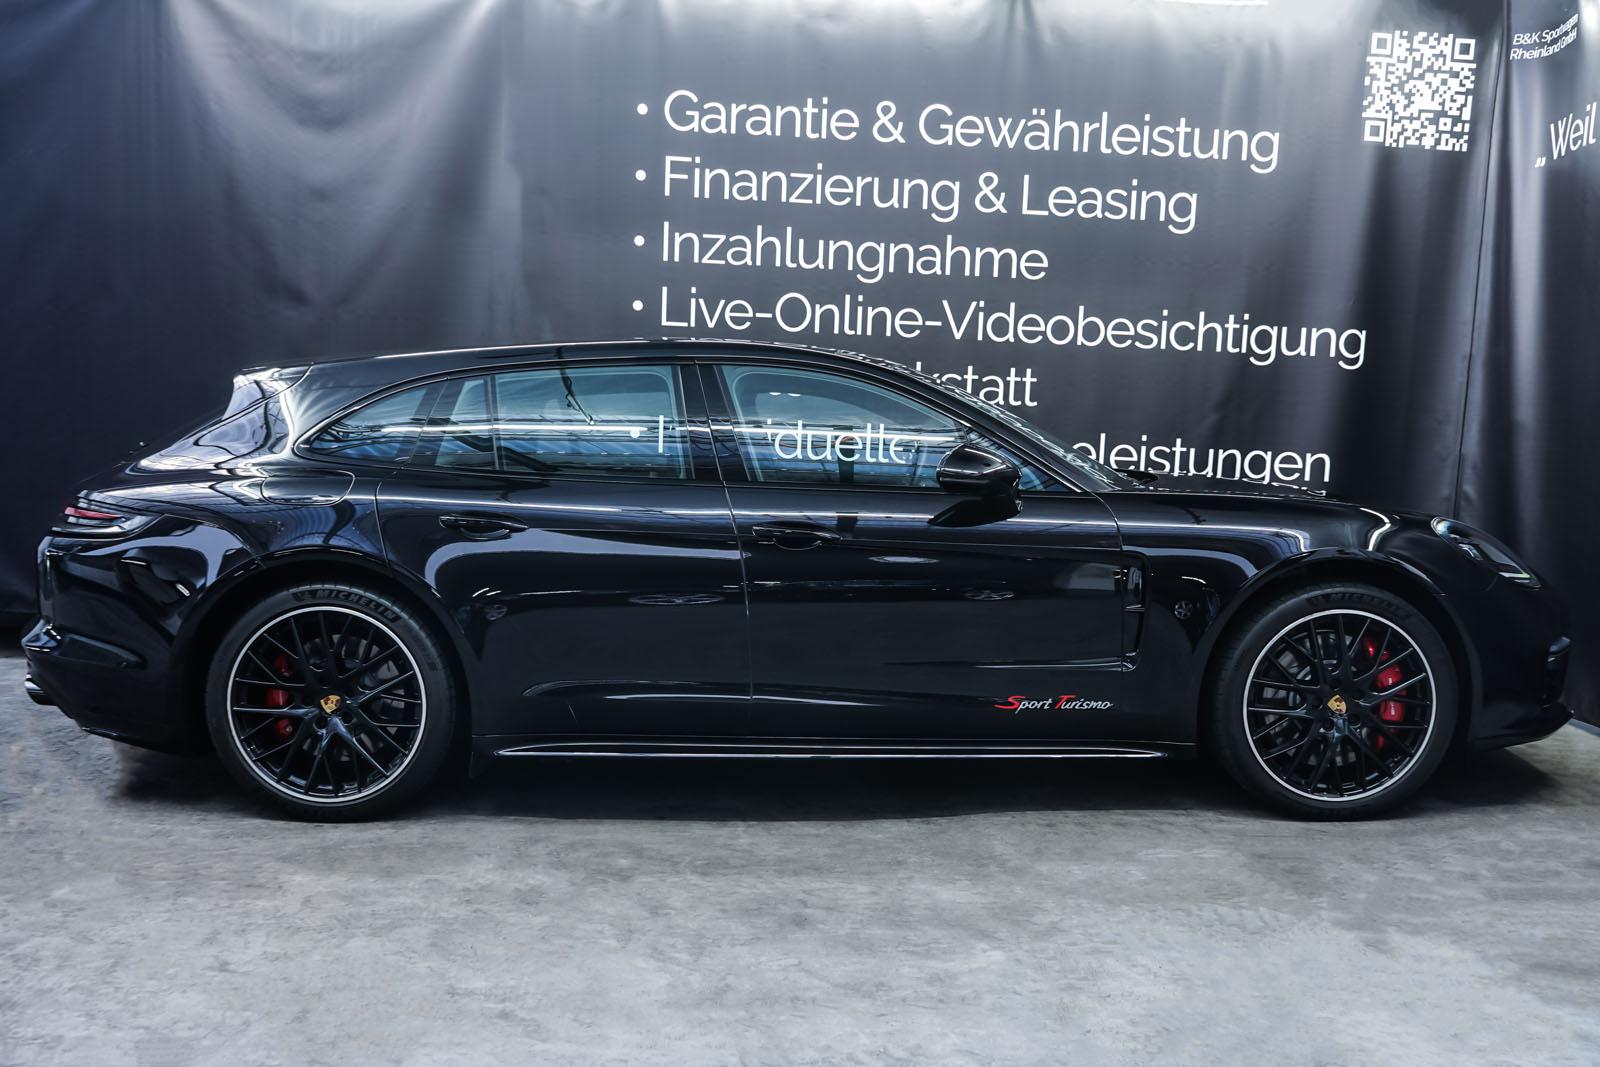 Porsche_Panamera_SportTurismo_Turbo_Schwarz_Schwarz_POR-5145_17_w